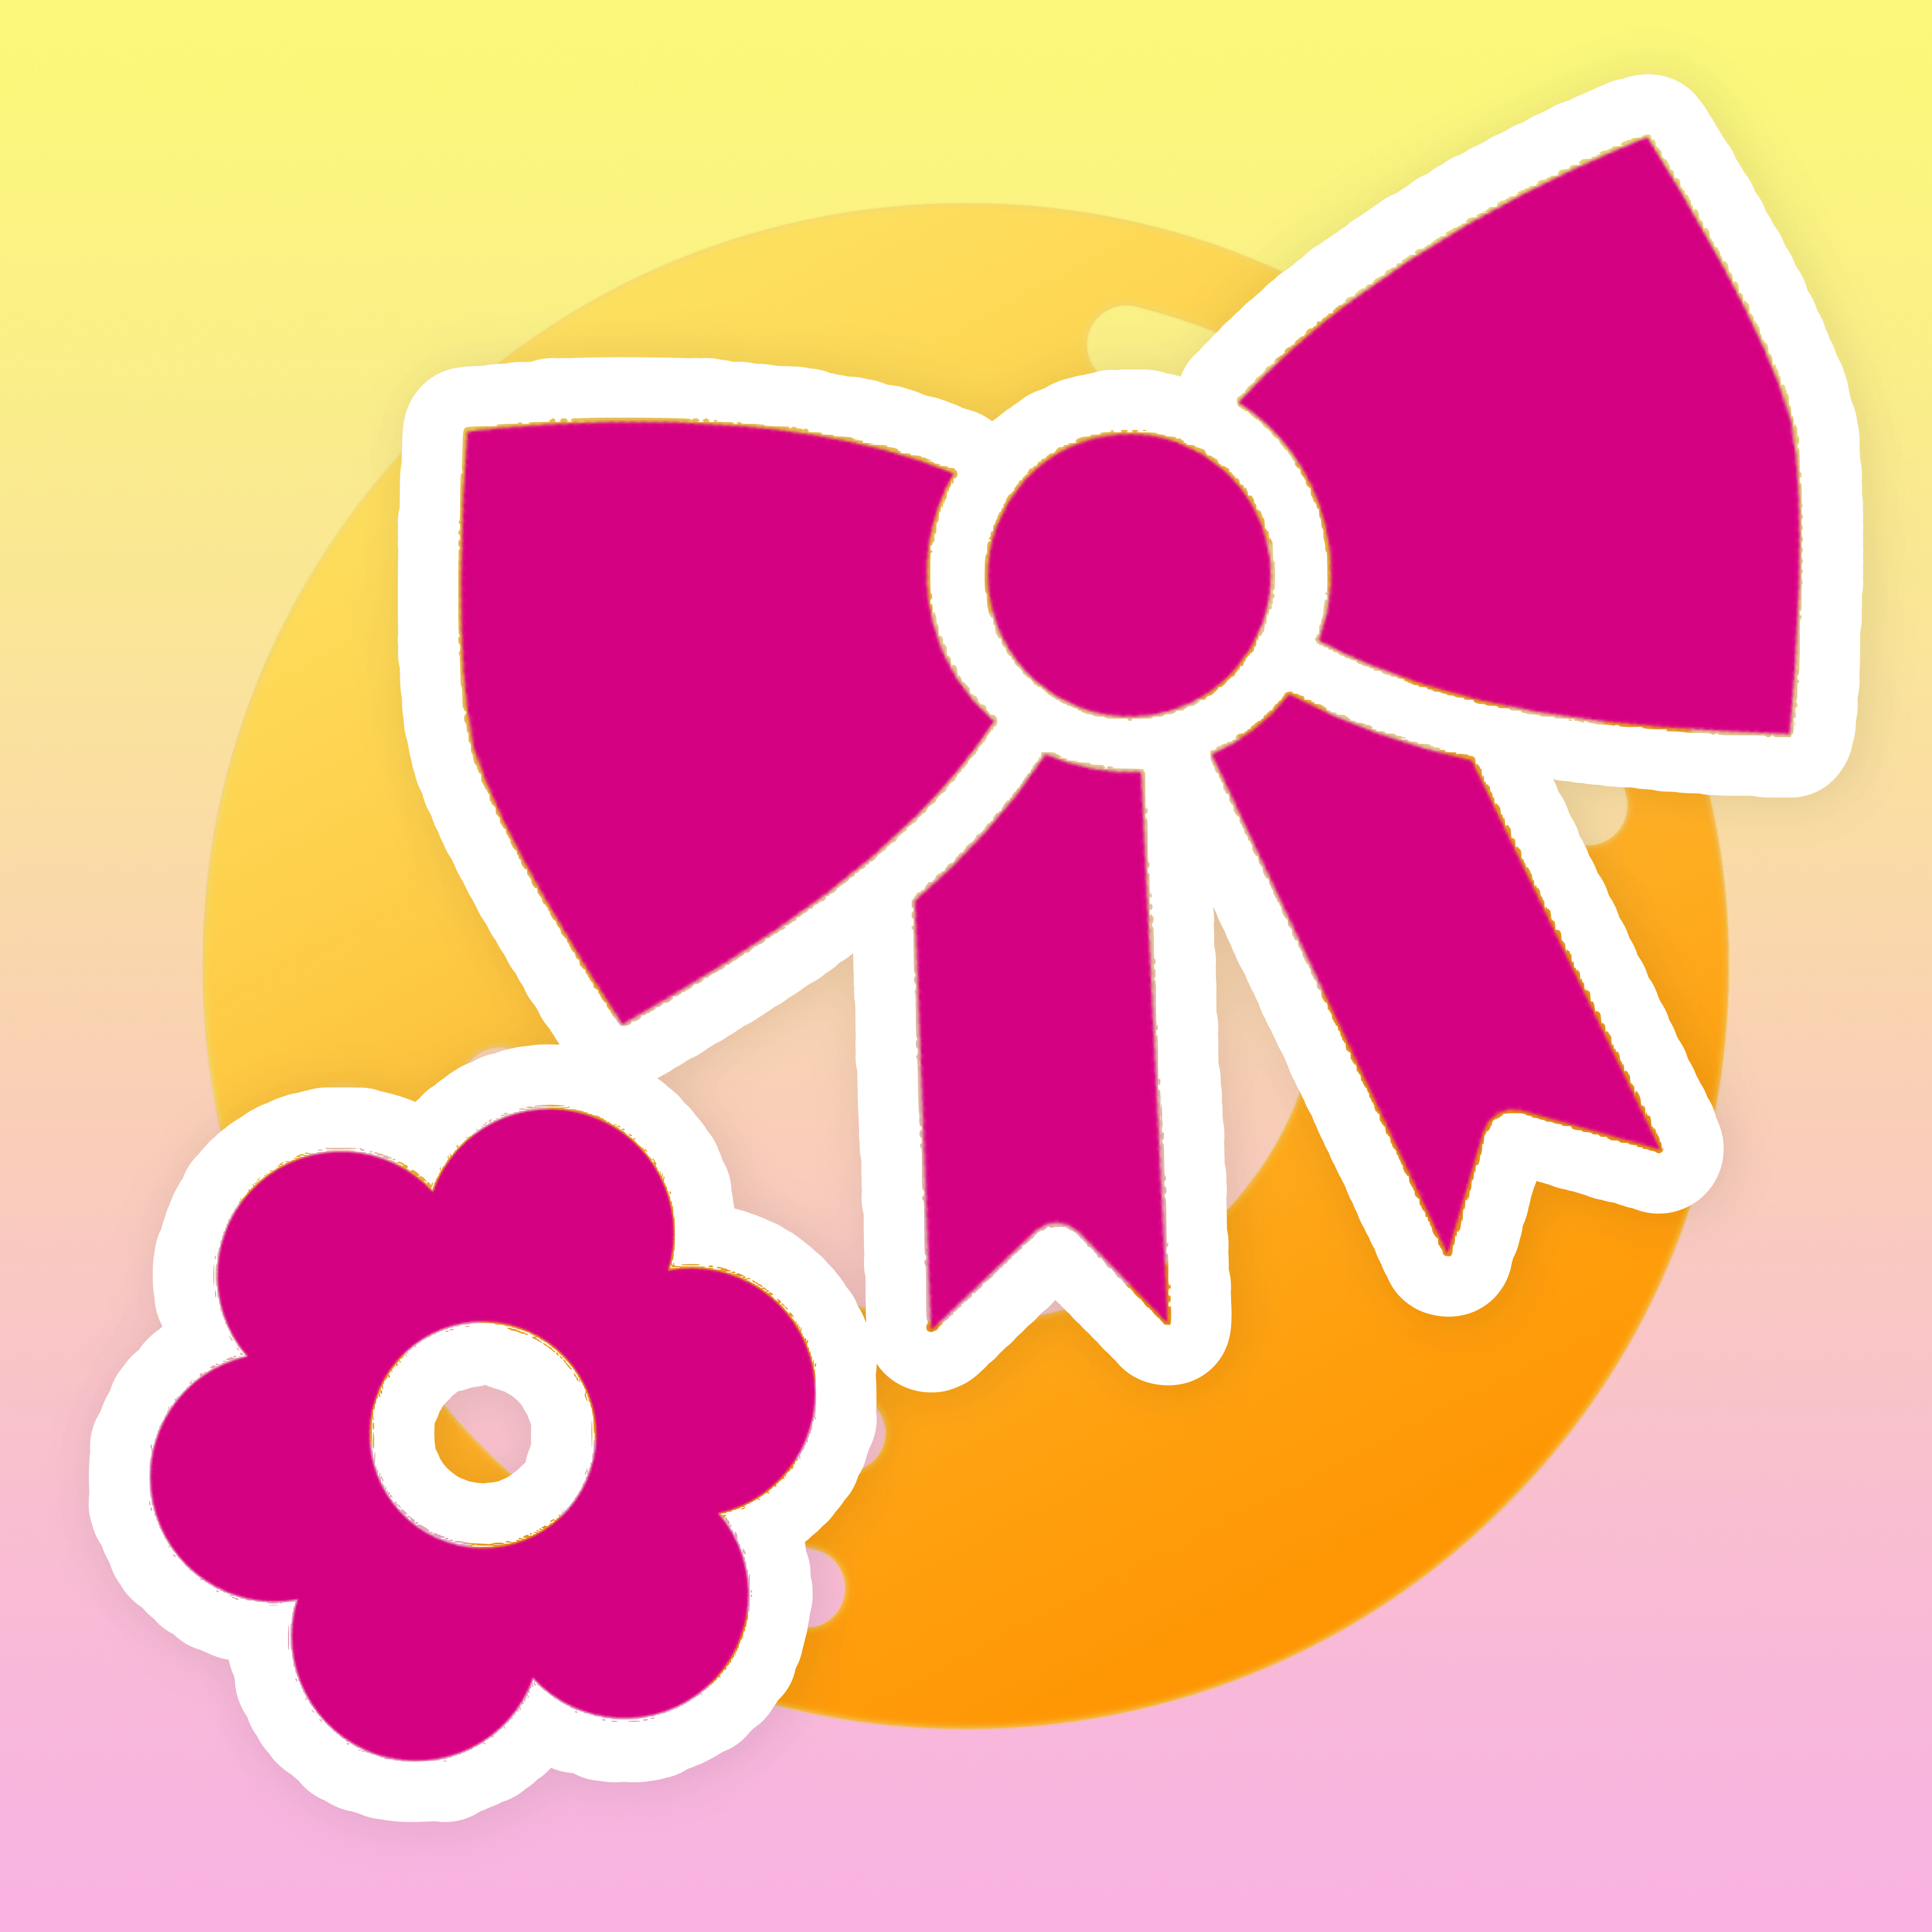 AmielVeinsFrog avatar